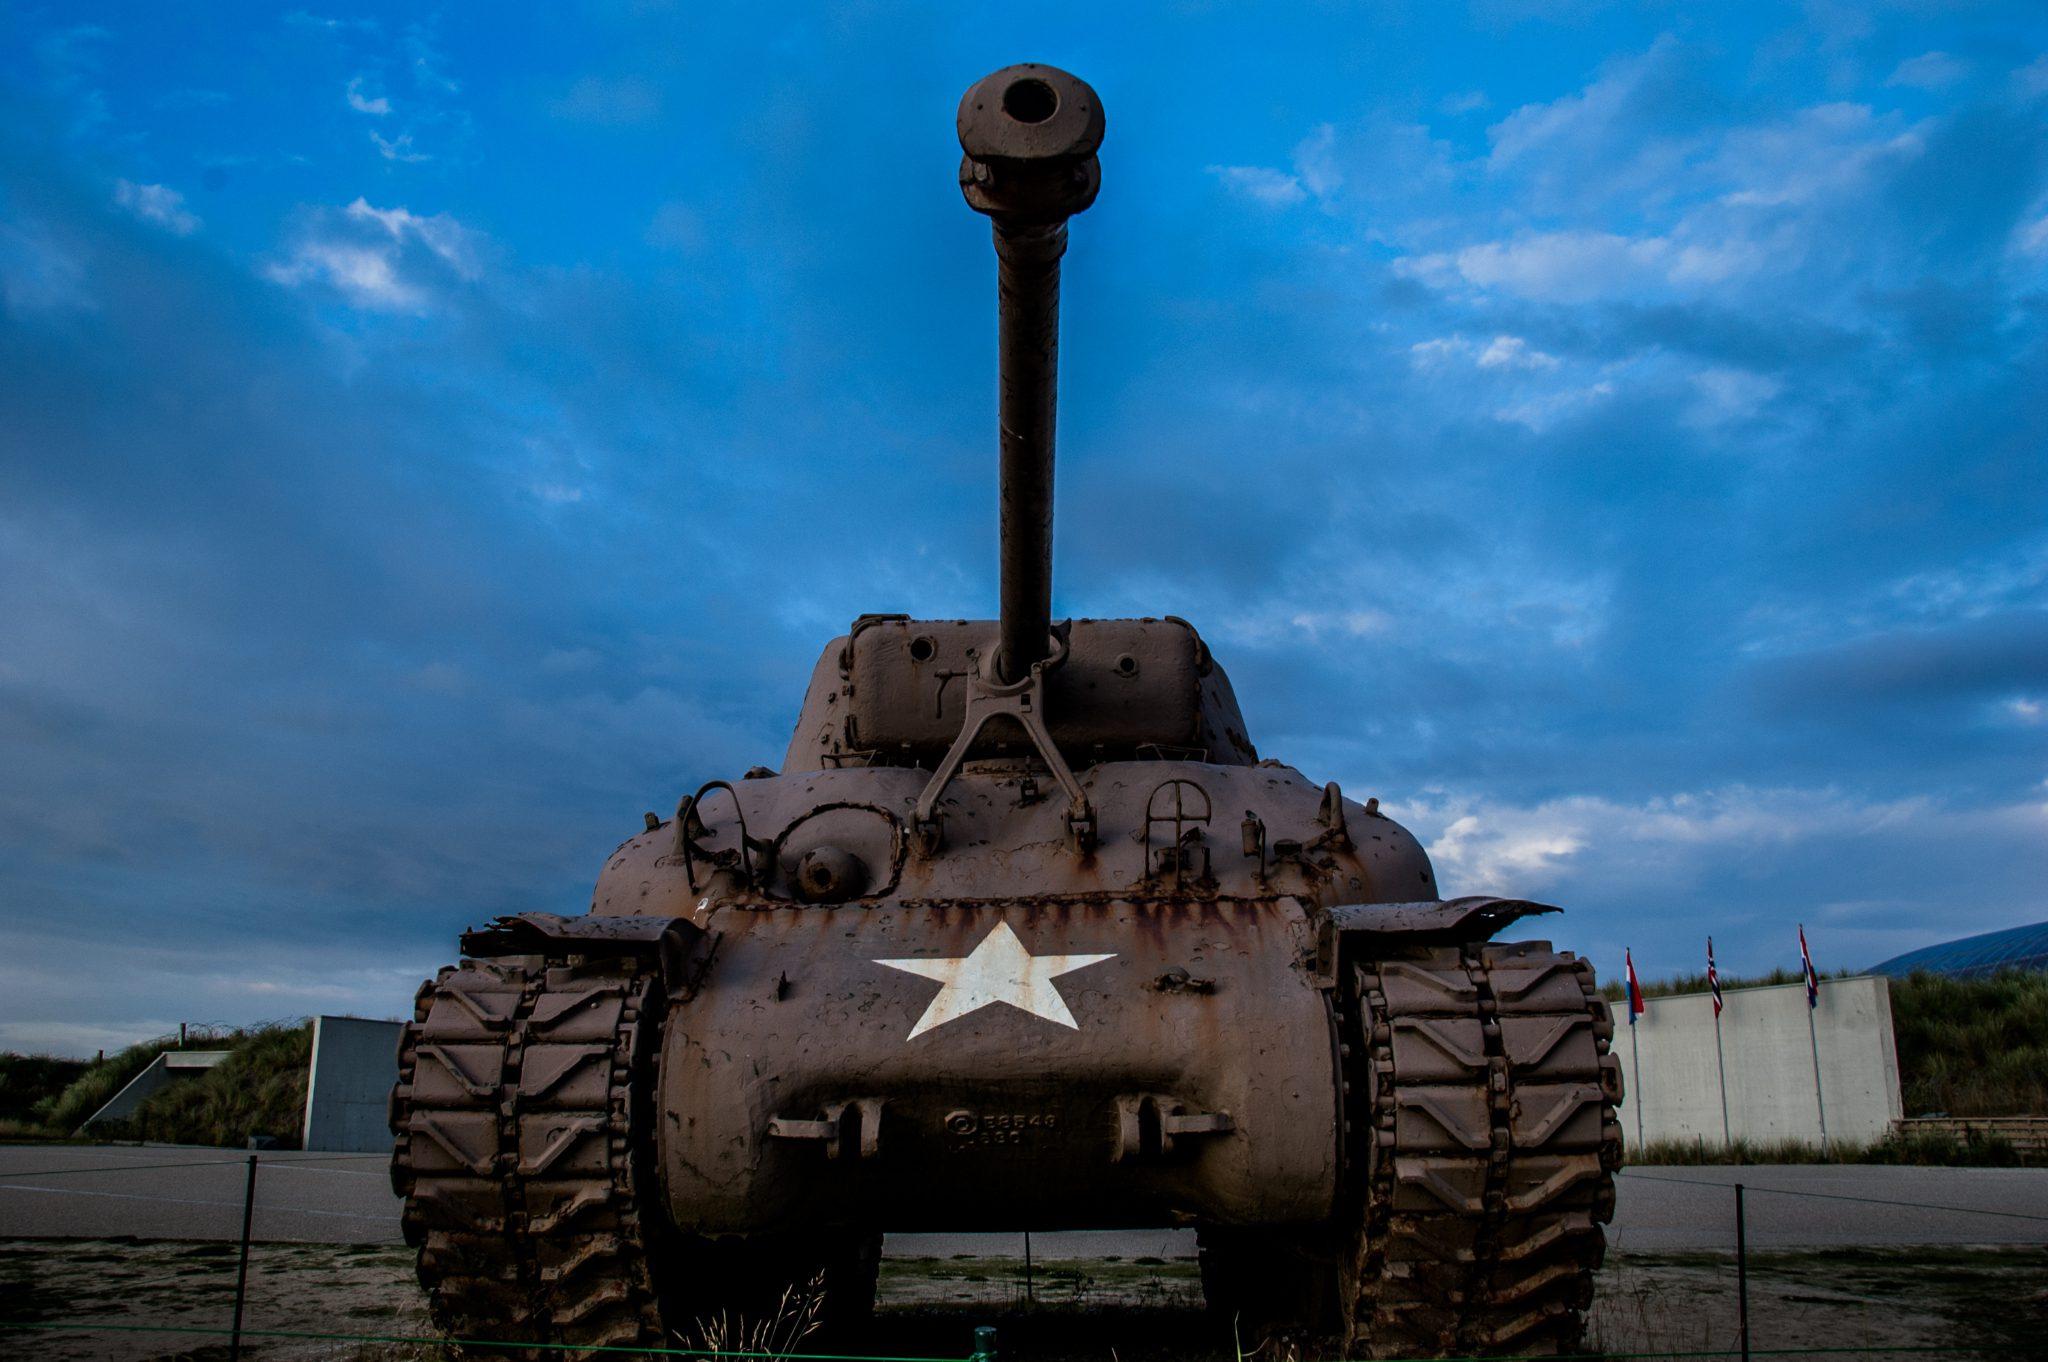 Restanten van D-day: een Sherman tank op Utah Beach